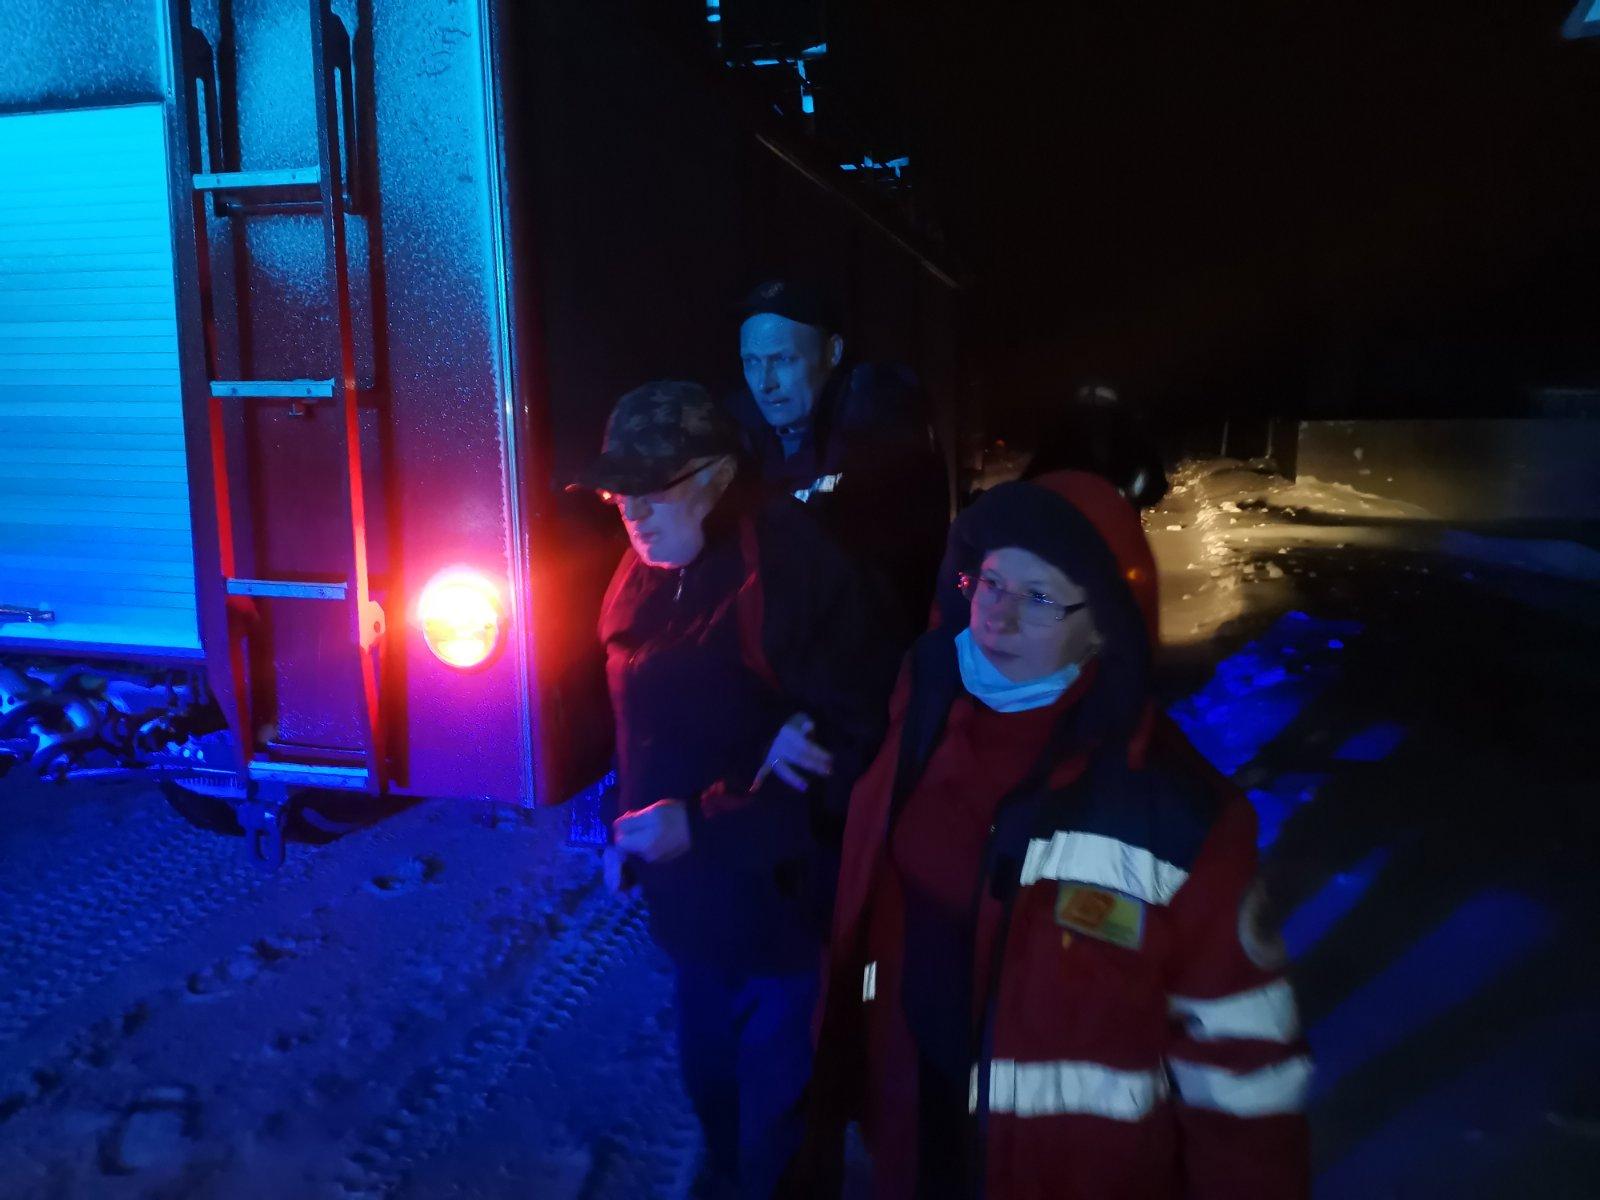 Баришівський район: снігові замети ускладнюють роботу медикам - Швидка допомога, сніг, рятувальники - IMG 9e33ca8f4404e0e38dc68ed984c94a0a V